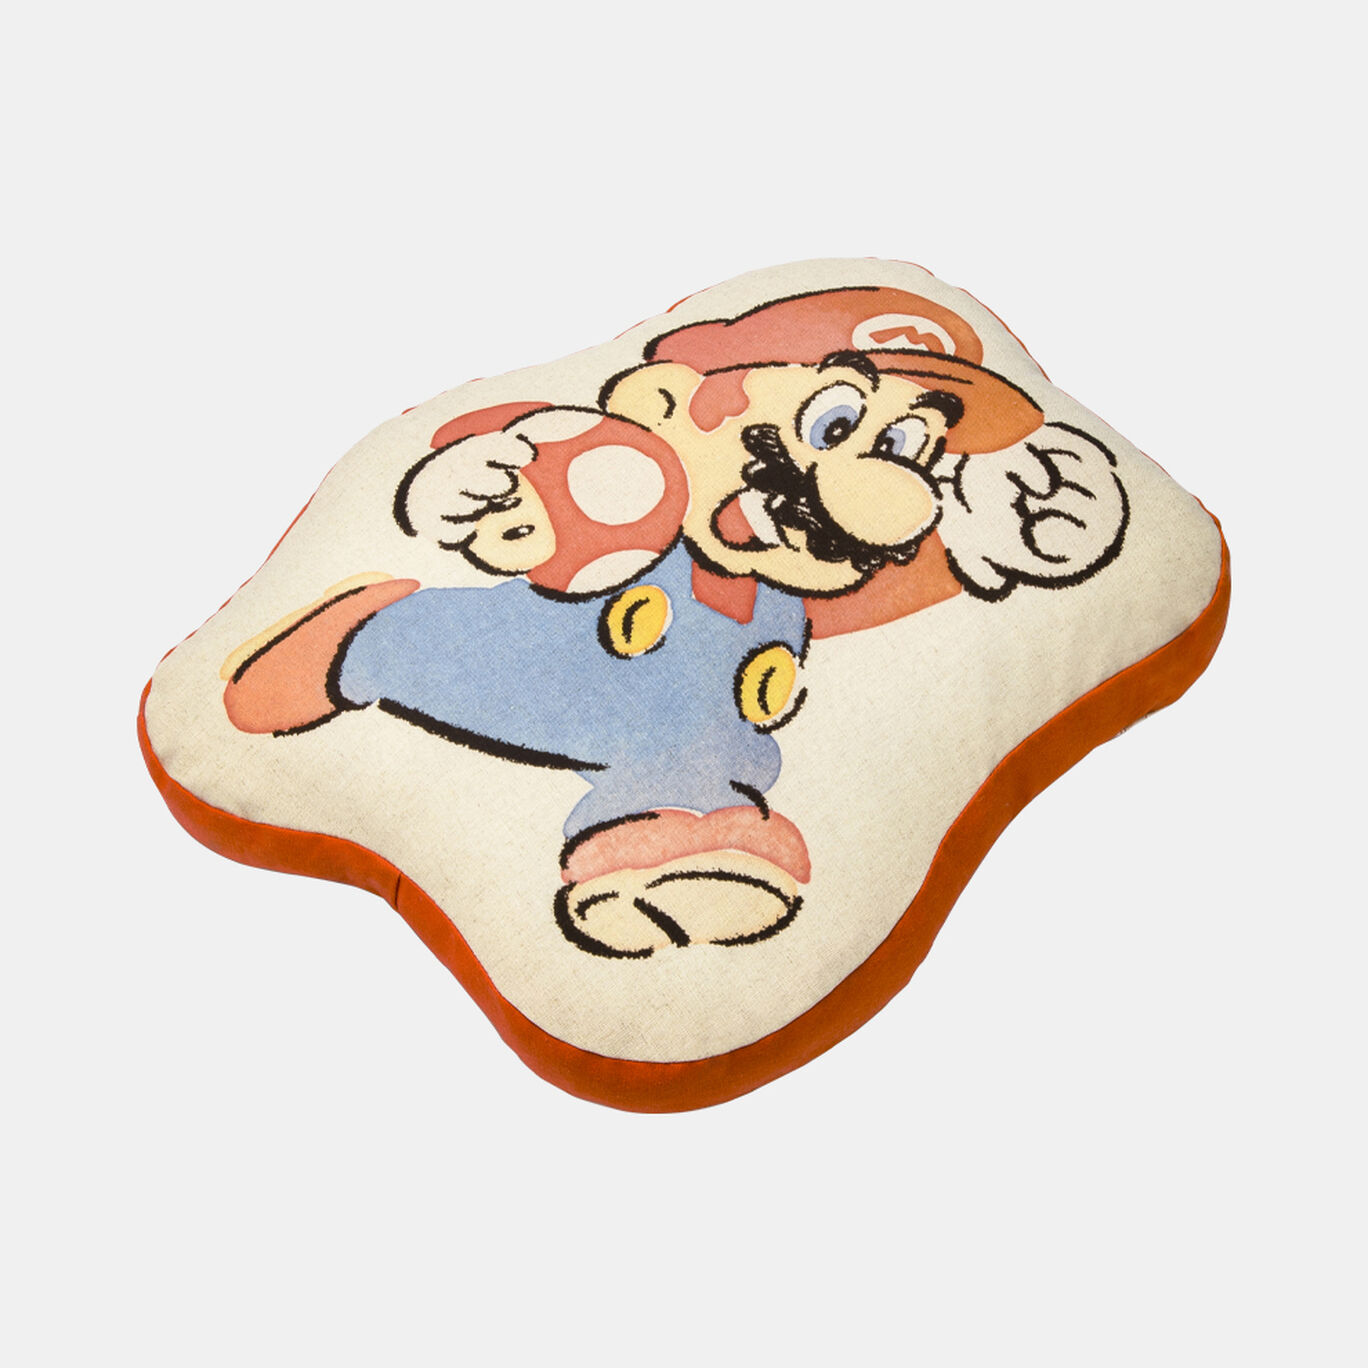 ダイカットクッション スーパーマリオファミリーライフ マリオ【Nintendo TOKYO取り扱い商品】